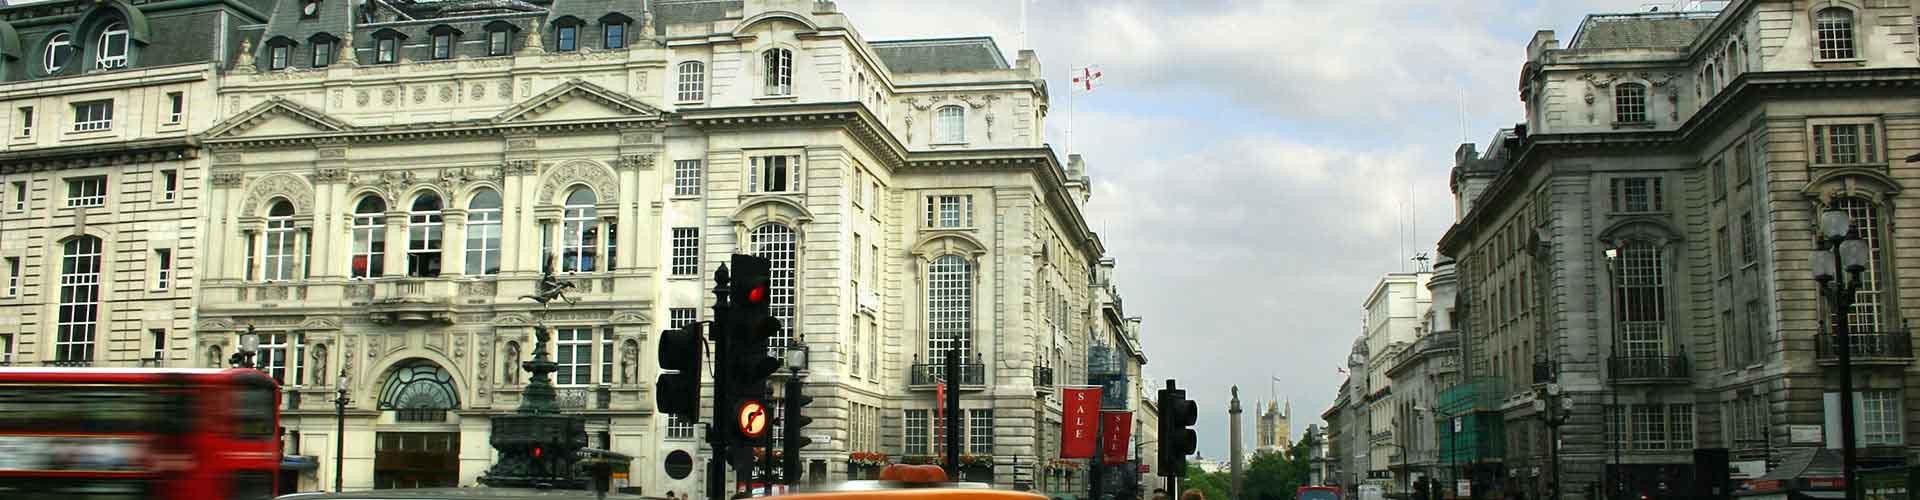 伦敦 – 皮卡迪利广场附近的宾馆。伦敦地图,伦敦每间宾馆的照片和评价。